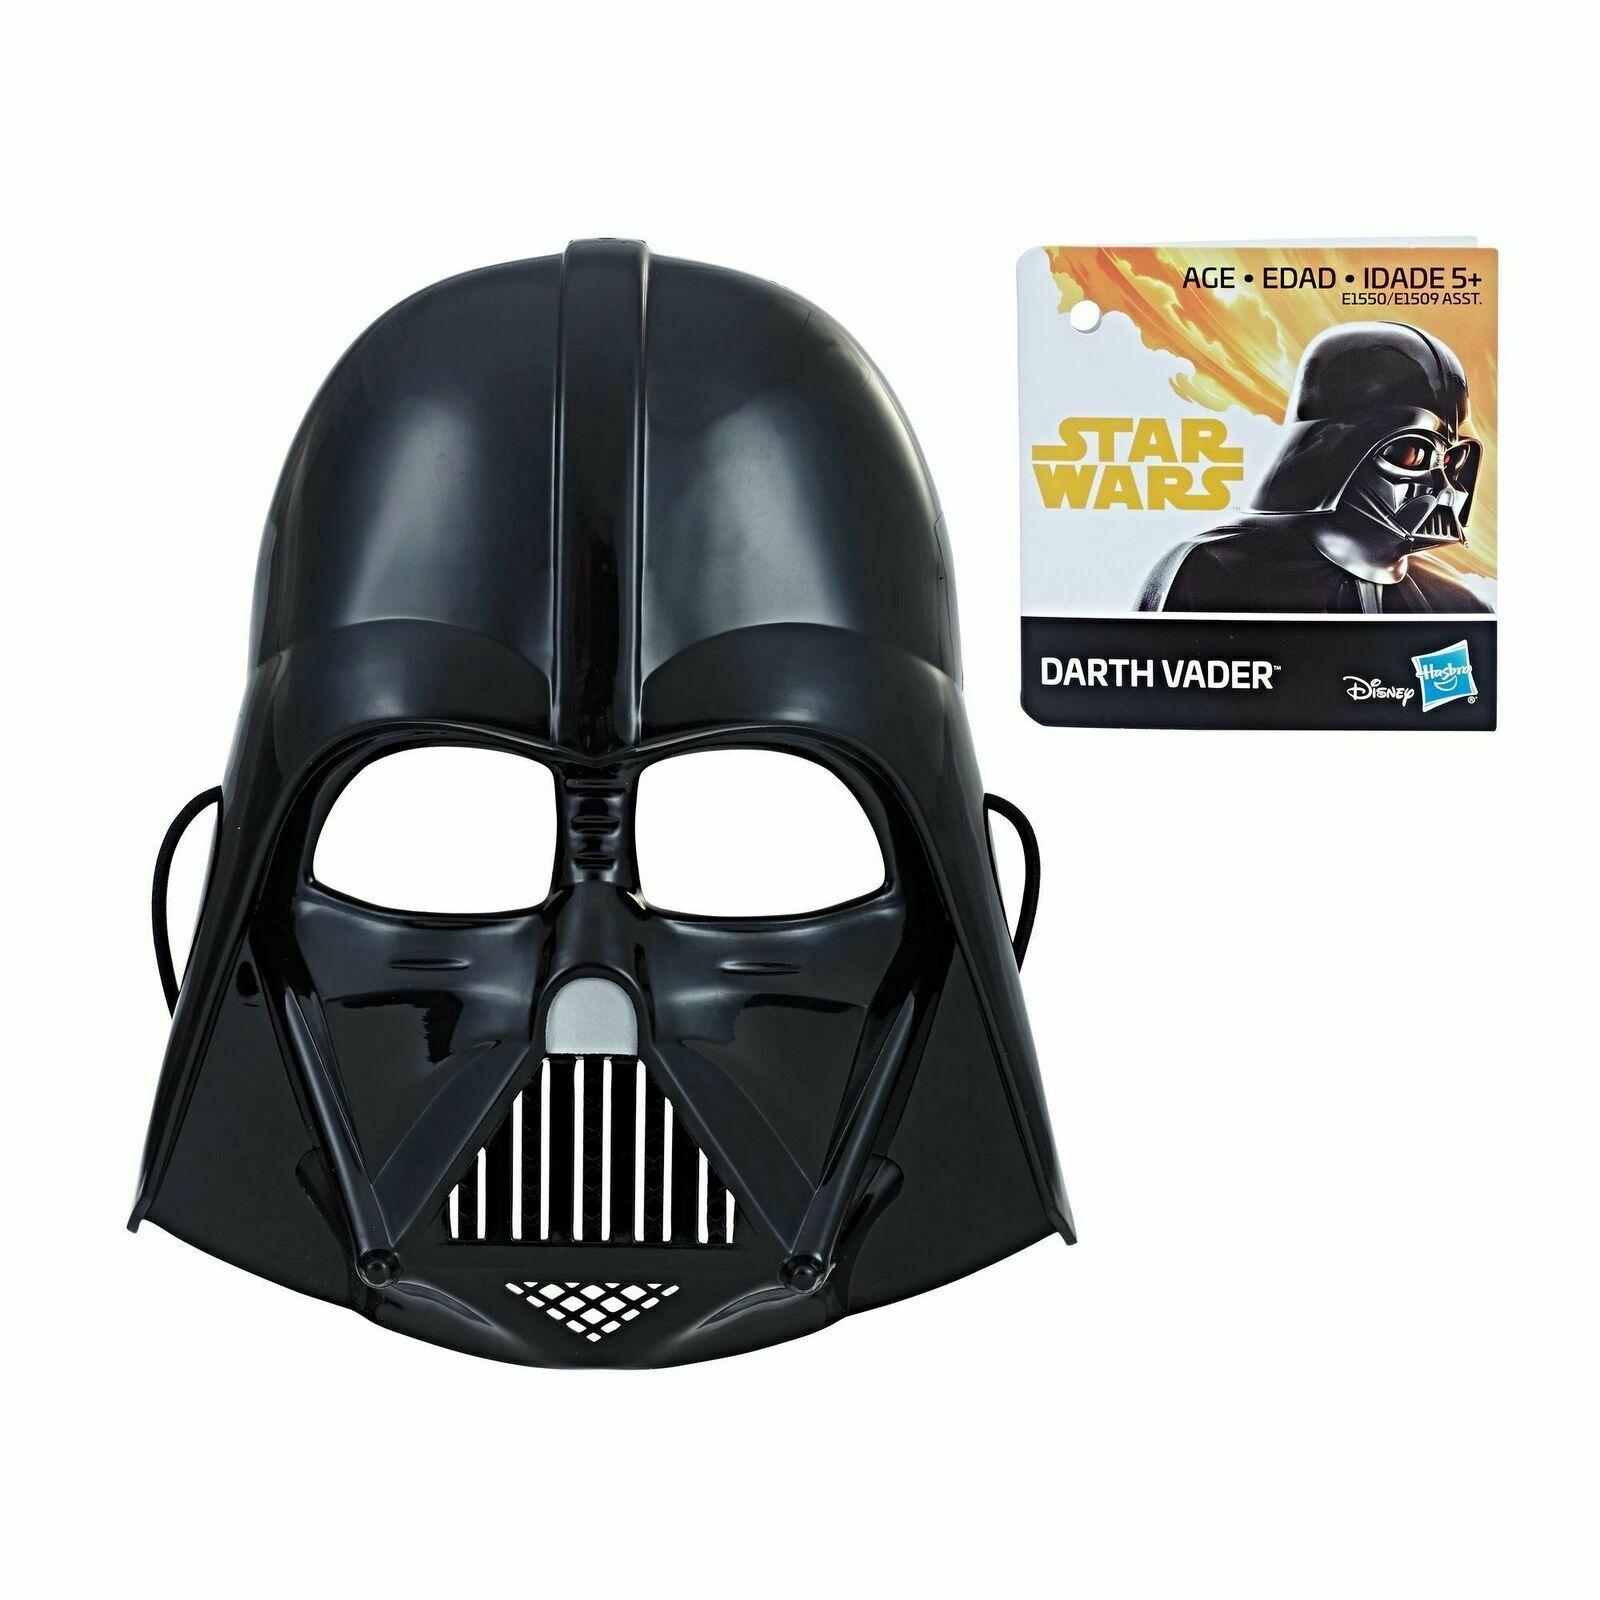 Star Wars Basic Darth Vader Mask Licensed Products Darth Vader Star Wars Darth Vader Star Wars Darth